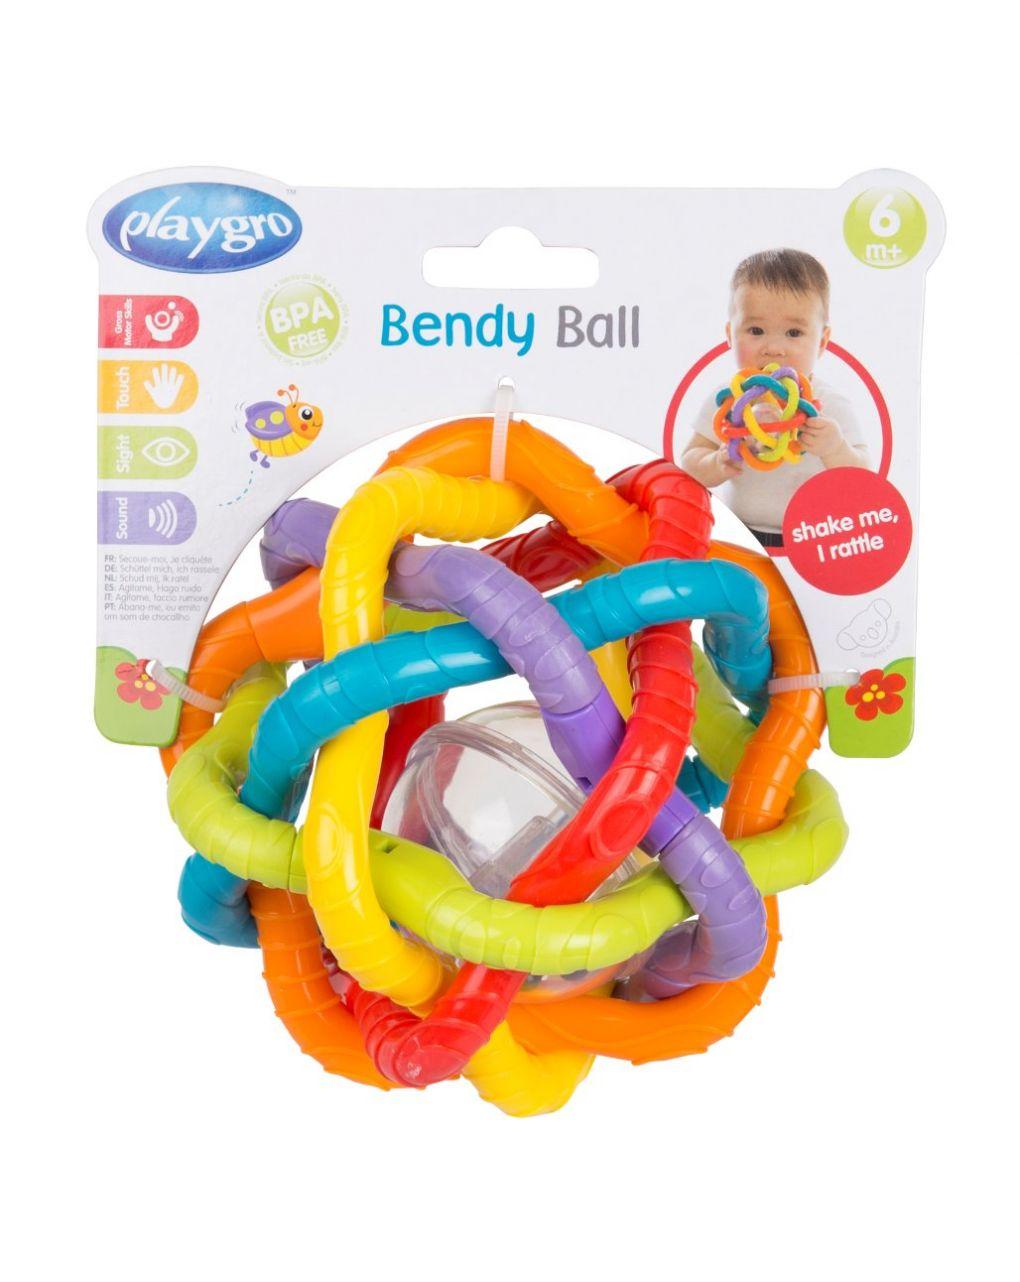 Bendy ball new 2015 - Playgro